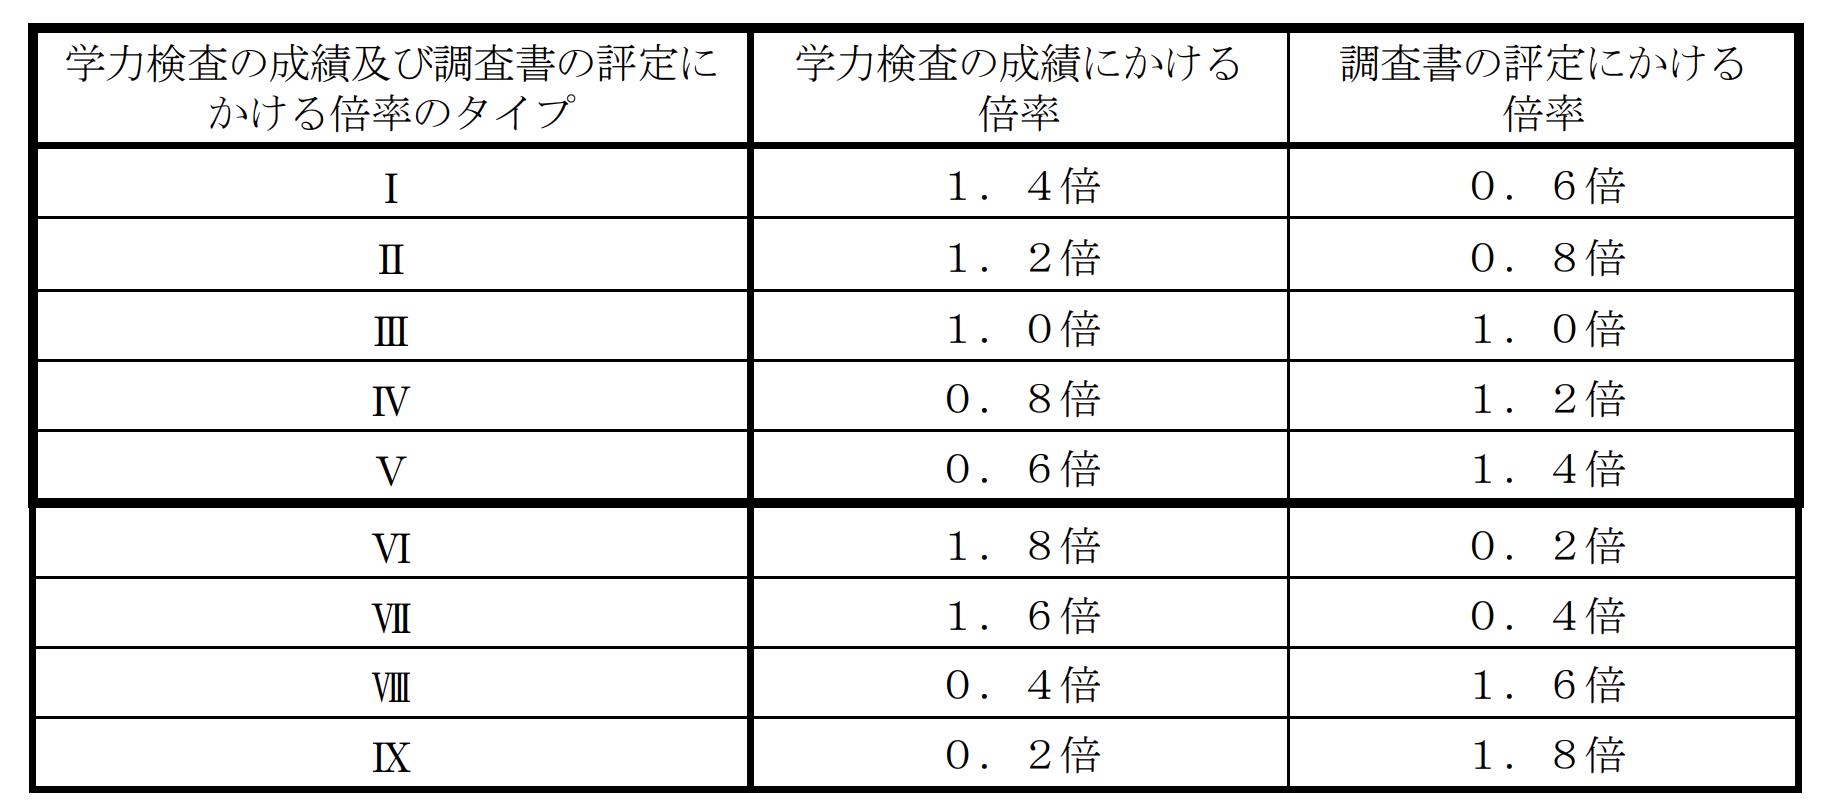 大阪府公立高校入試制度2